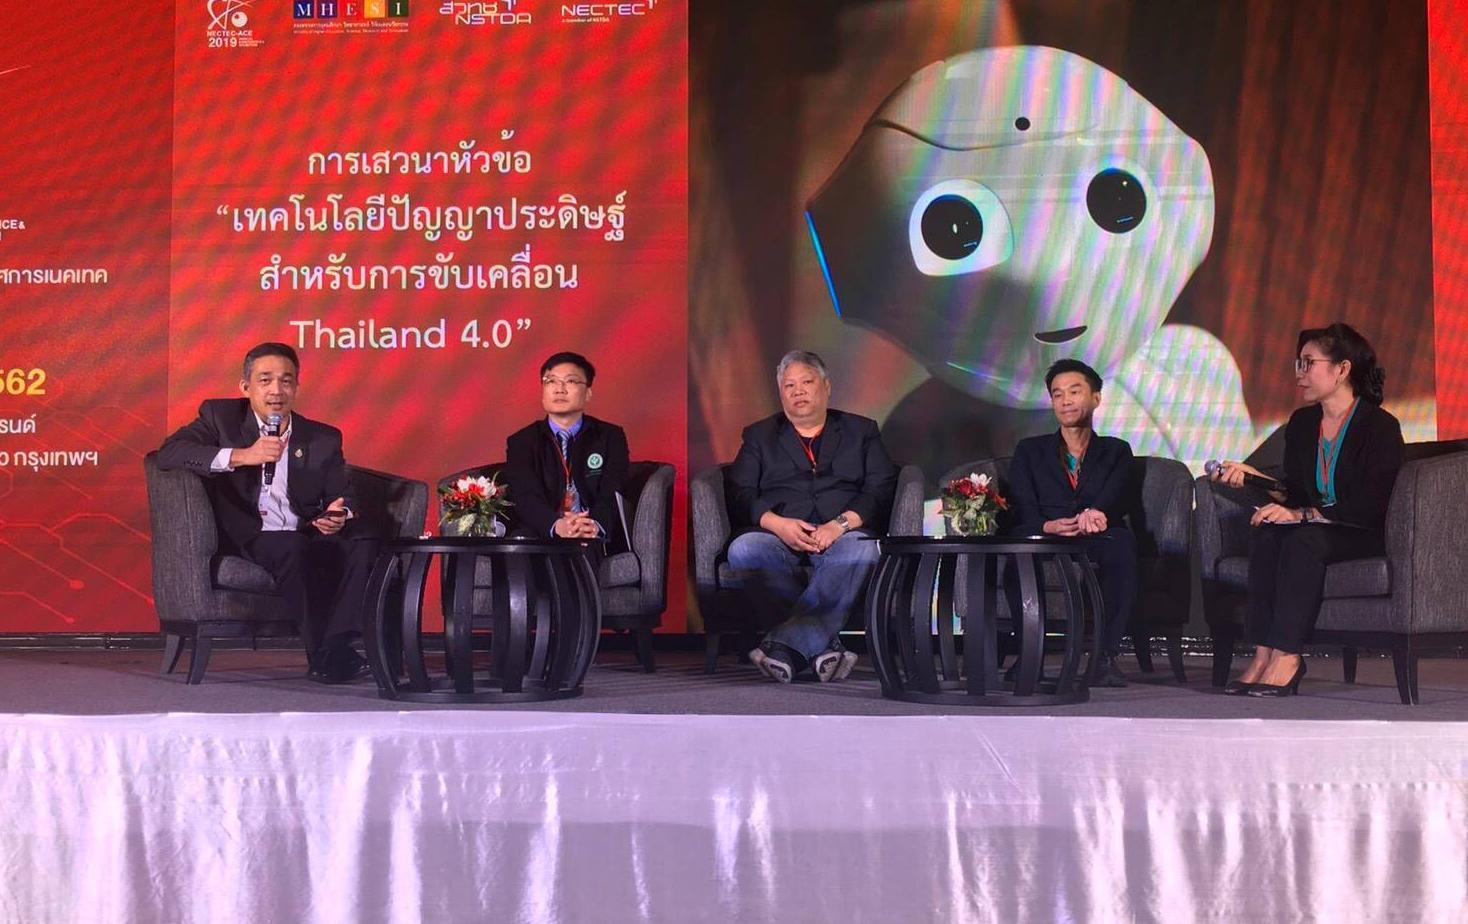 CAT ร่วมเสวนาหัวข้อ เทคโนโลยีปัญญาประดิษฐ์สำหรับการขับเคลื่อนประเทศไทยเข้าสู่ Thailand 4.0 ในงานประชุมวิชาการและนิทรรศการของเนคเทค ประจำปี 2562